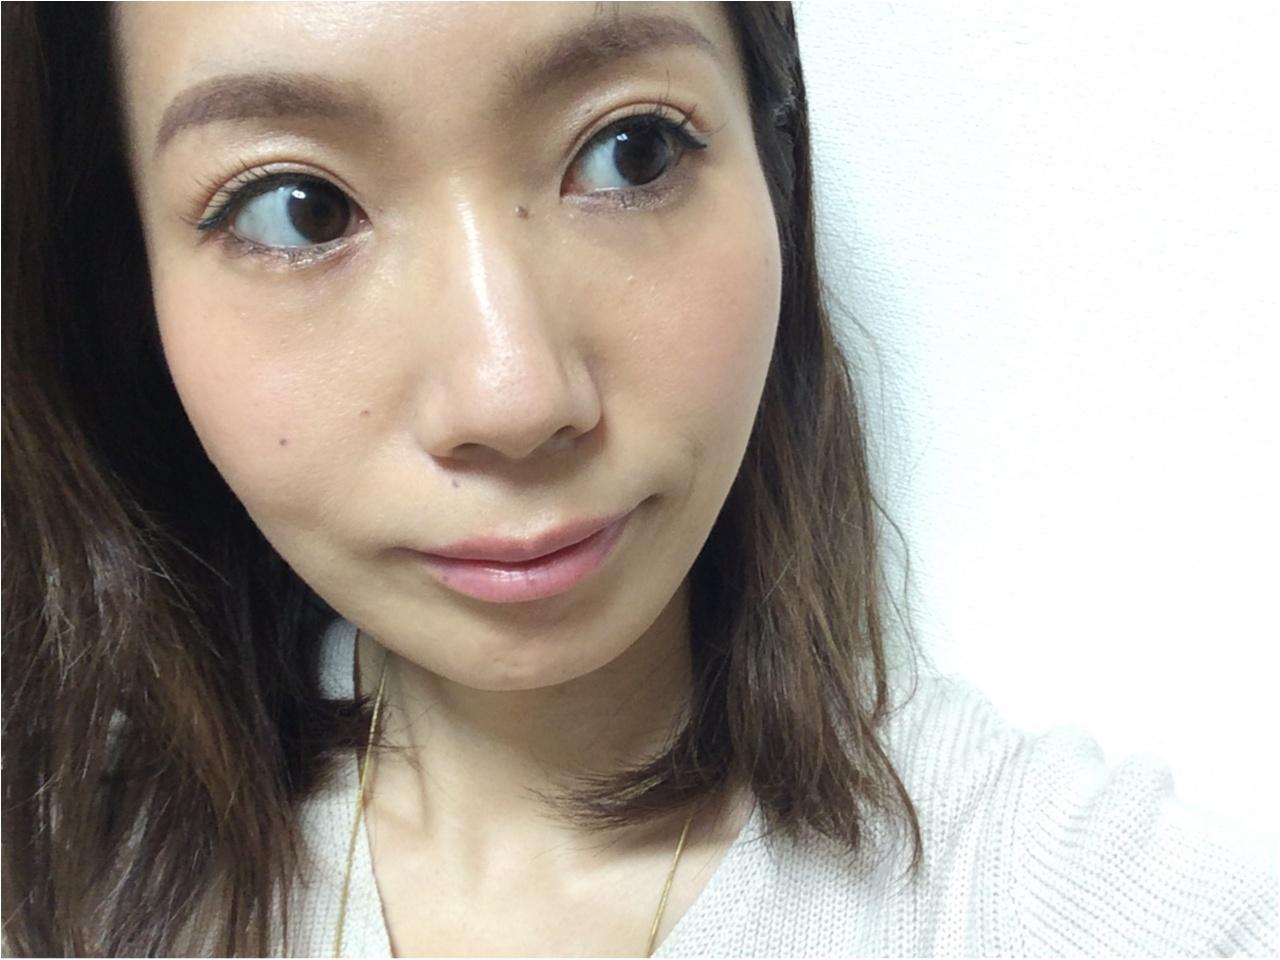 【シャネル×京都】期間限定イベント♡無料で《赤の和メイク》体験もしたよ!♡_11